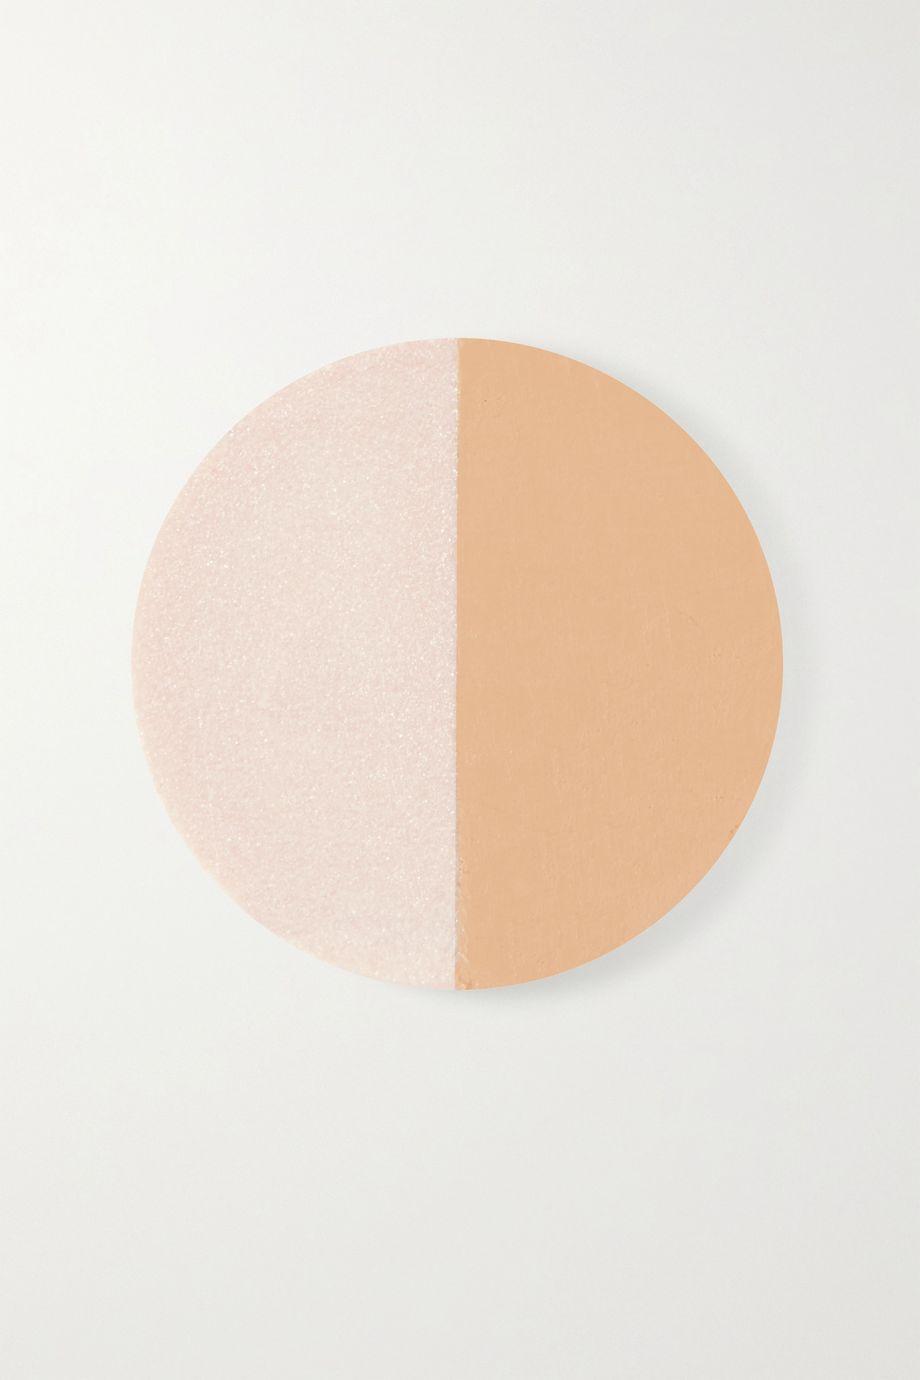 BY TERRY Fond de teint stick deux-en-un Nude Expert, Cream Beige 3